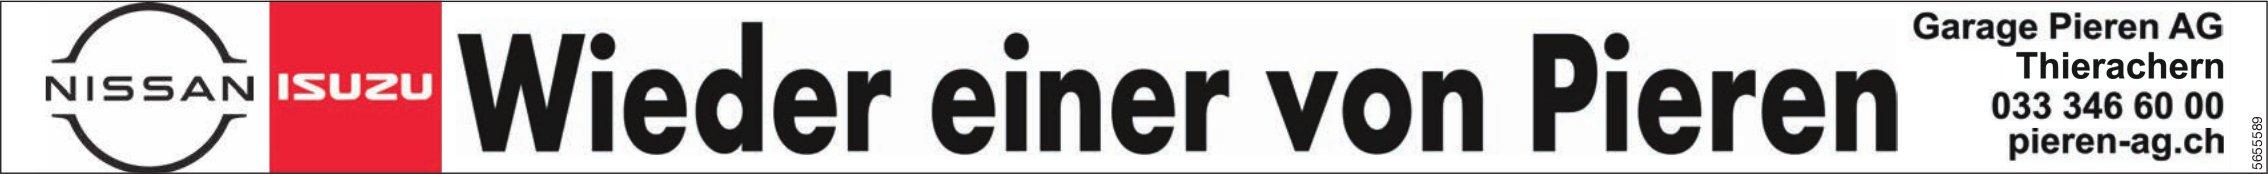 Garage Pieren AG, Thierachern - Wieder einer von Pieren